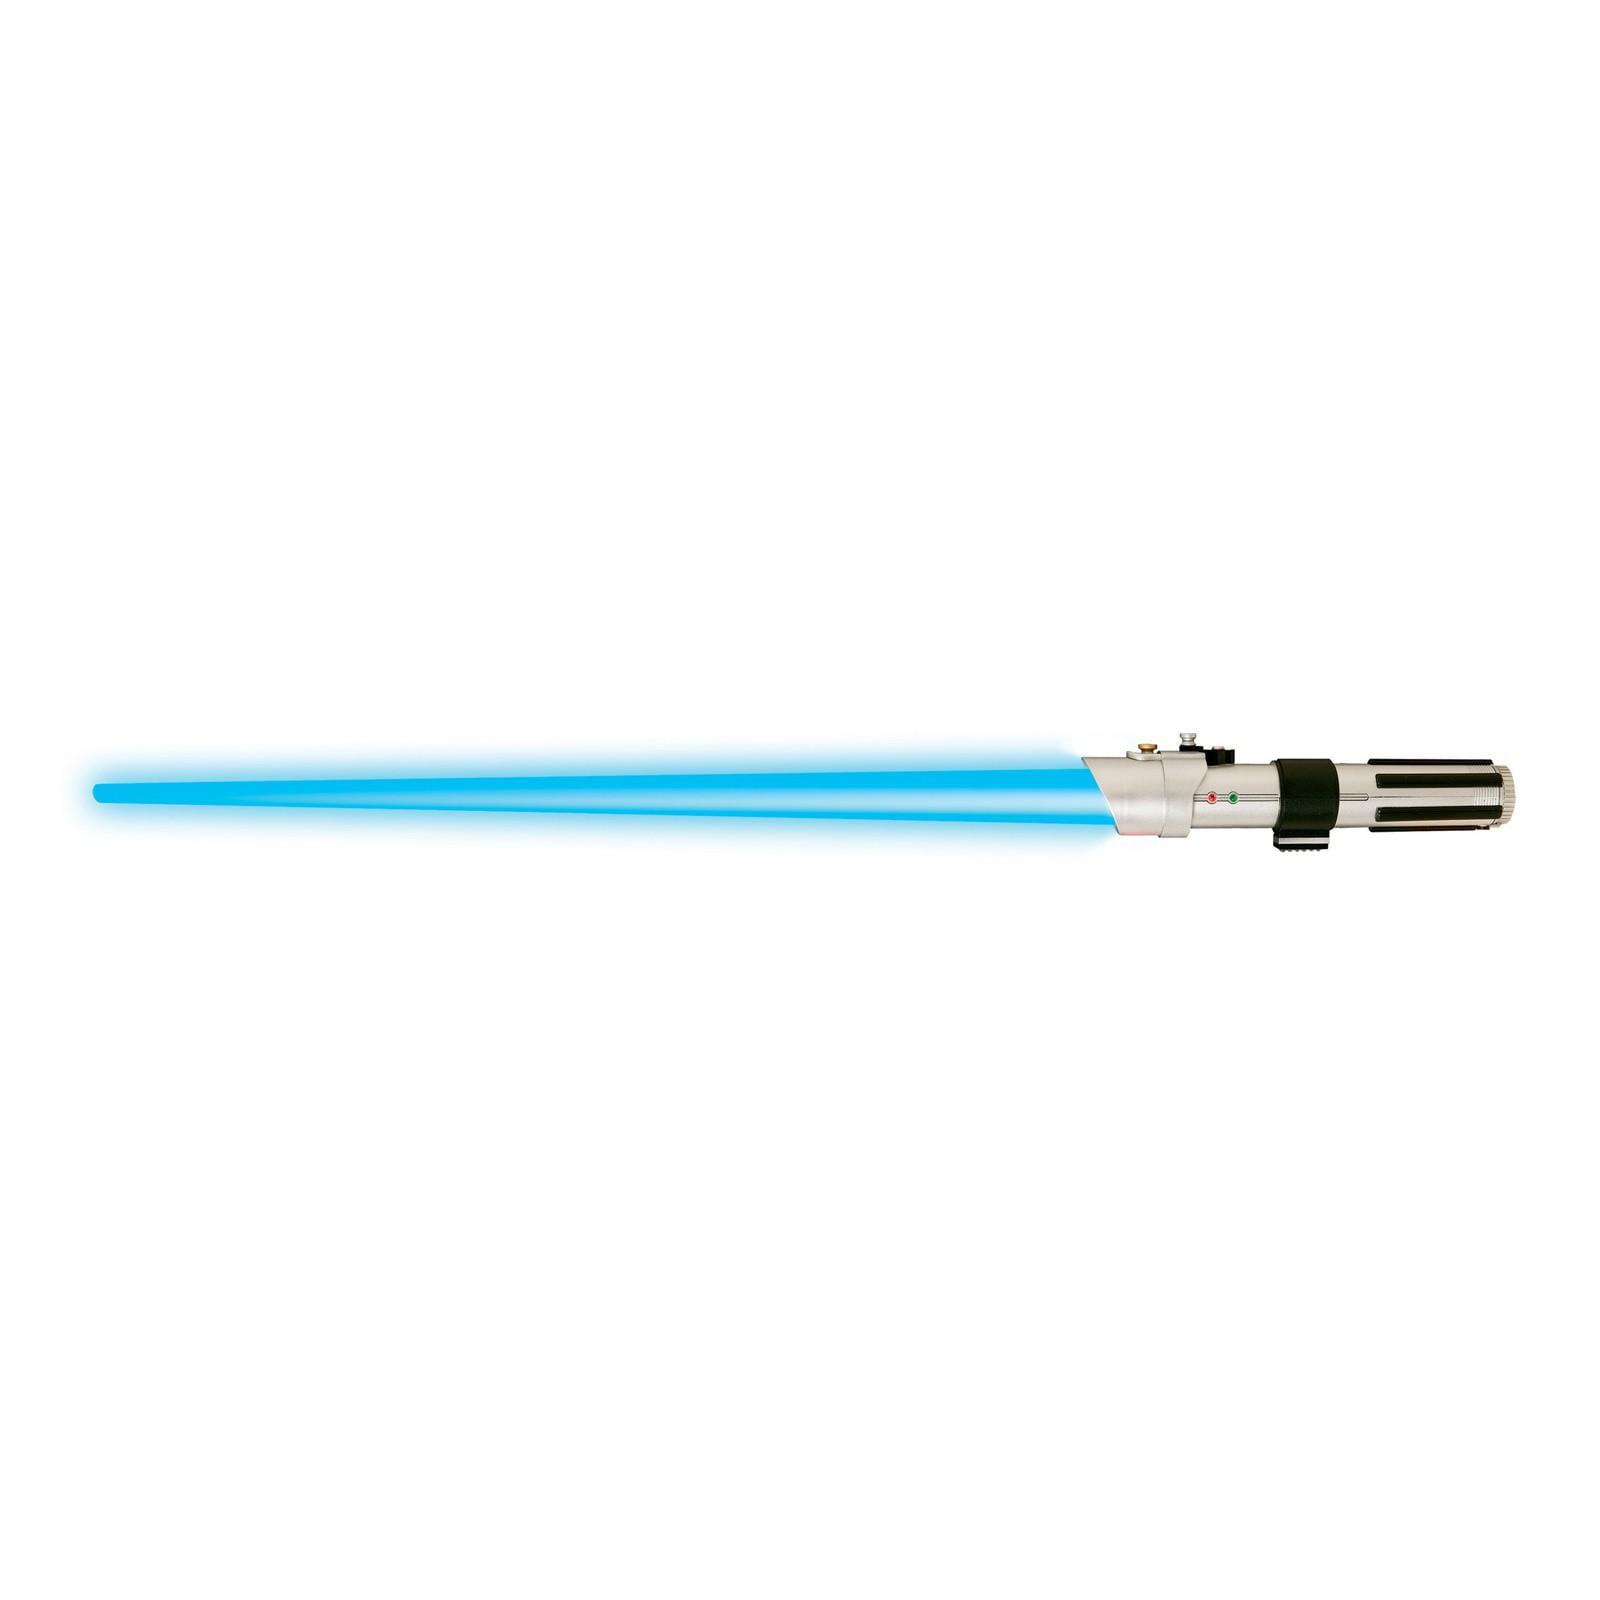 Star Wars: The Force Awakens - Luke Skywalker Lightsaber